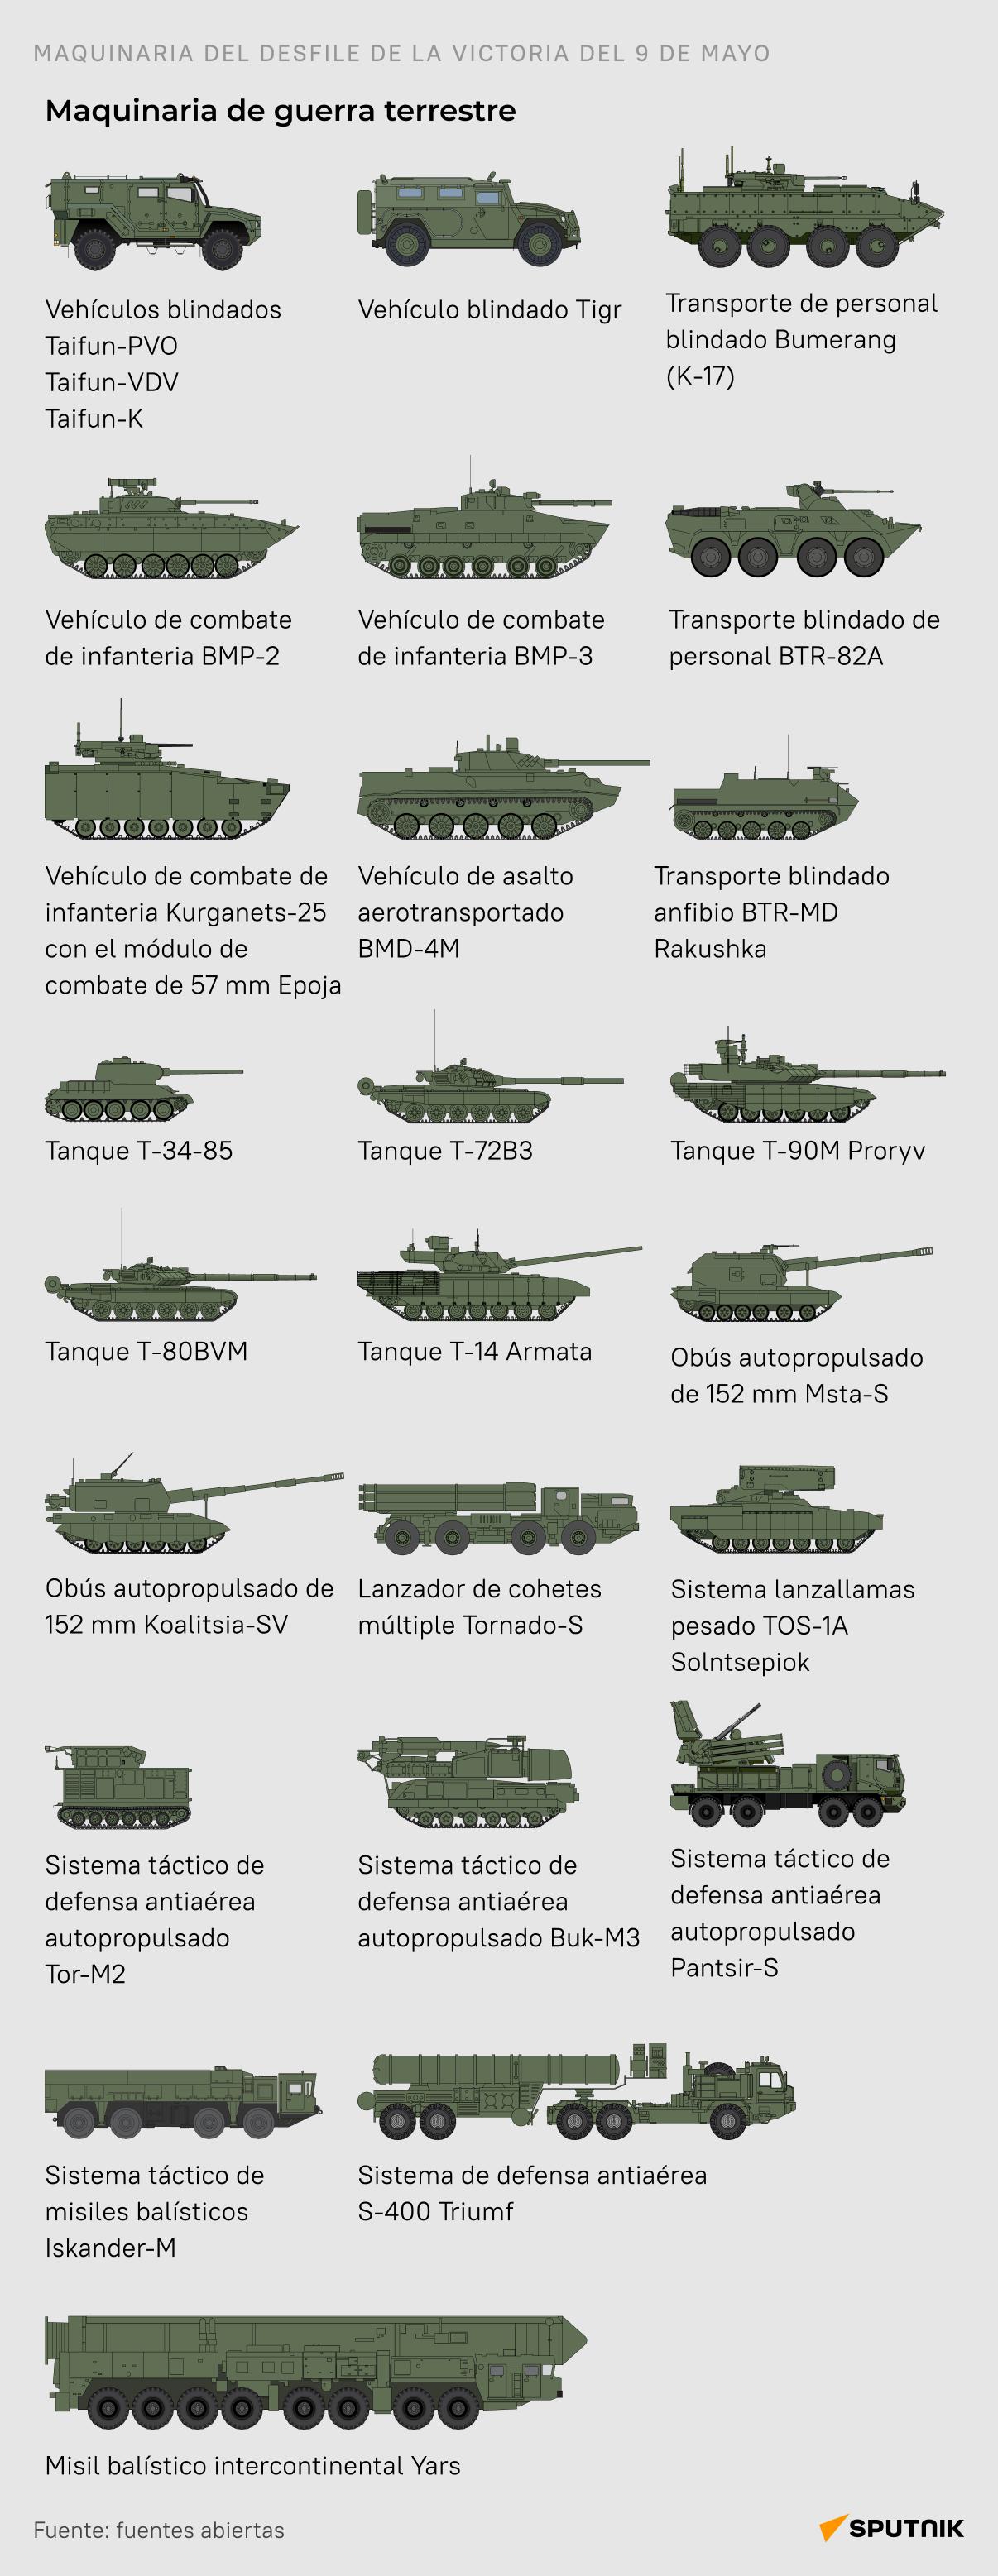 La maquinaria de guerra terrestre - Sputnik Mundo